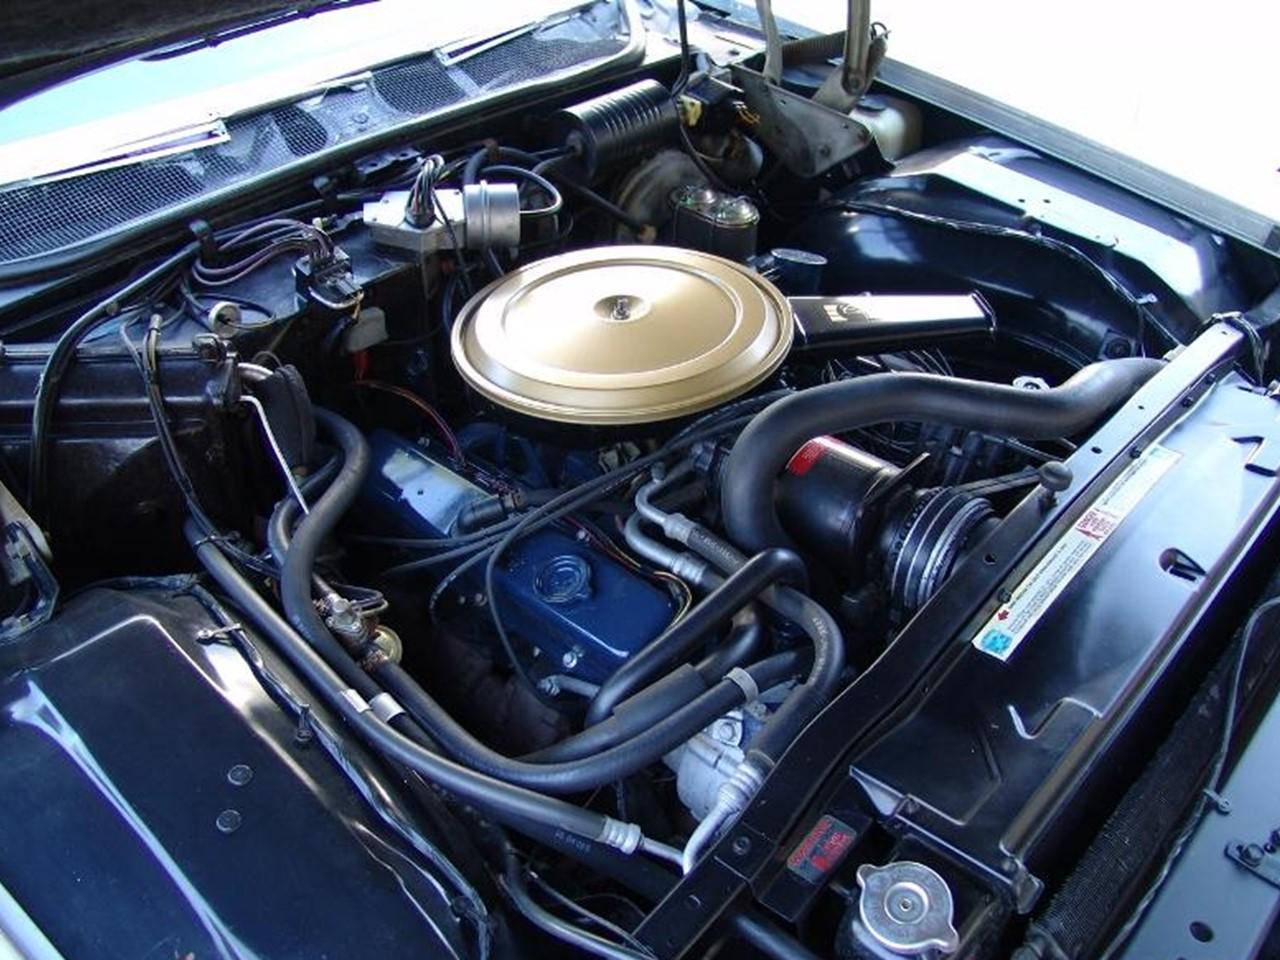 472 CID V8 3